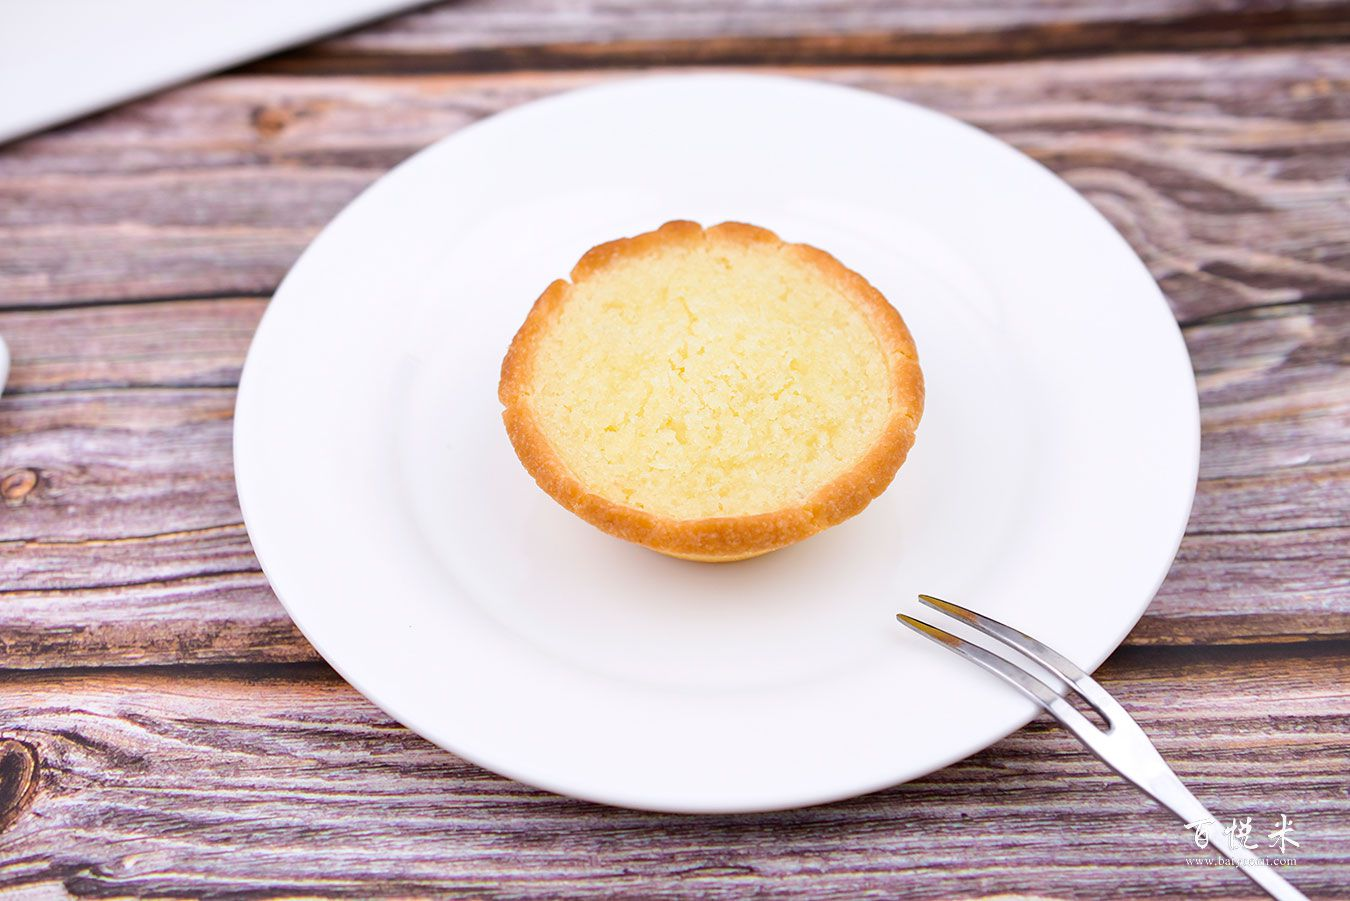 拿酥椰挞高清图片大全【蛋糕图片】